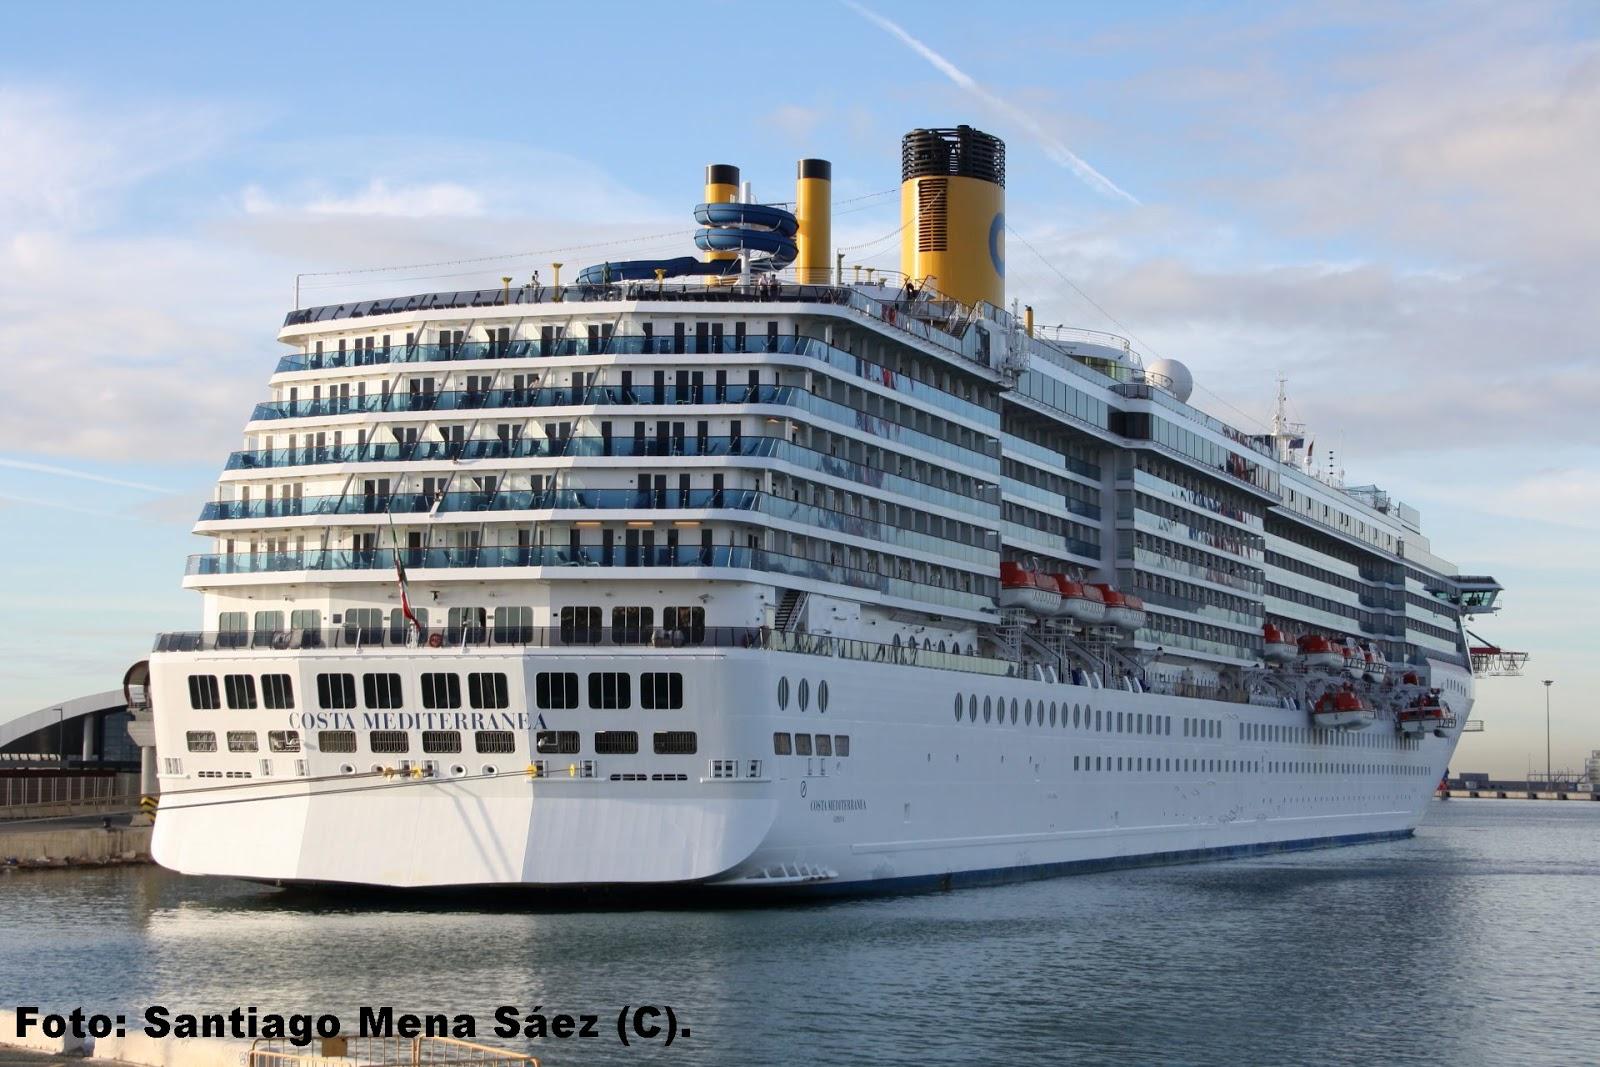 Barcos en m laga lunes 22 de octubre llegan los buques costa mediterranea y coral leader - La mediterranea ...